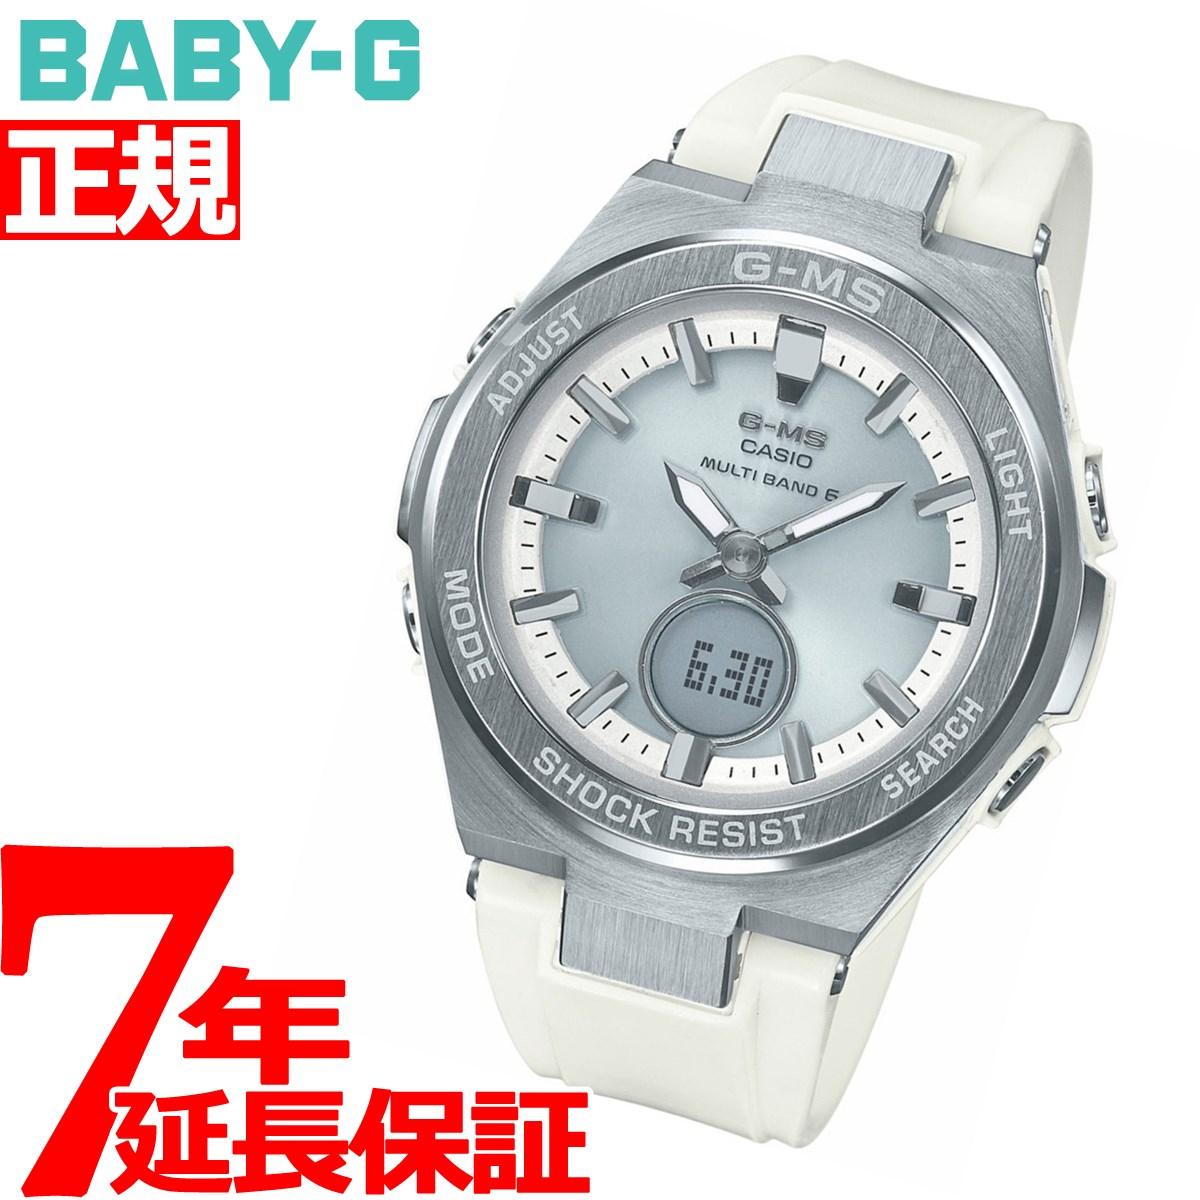 BABY-G カシオ ベビーG レディース G-MS 電波 ソーラー 腕時計 タフソーラー MSG-W200-7AJF【2018 新作】